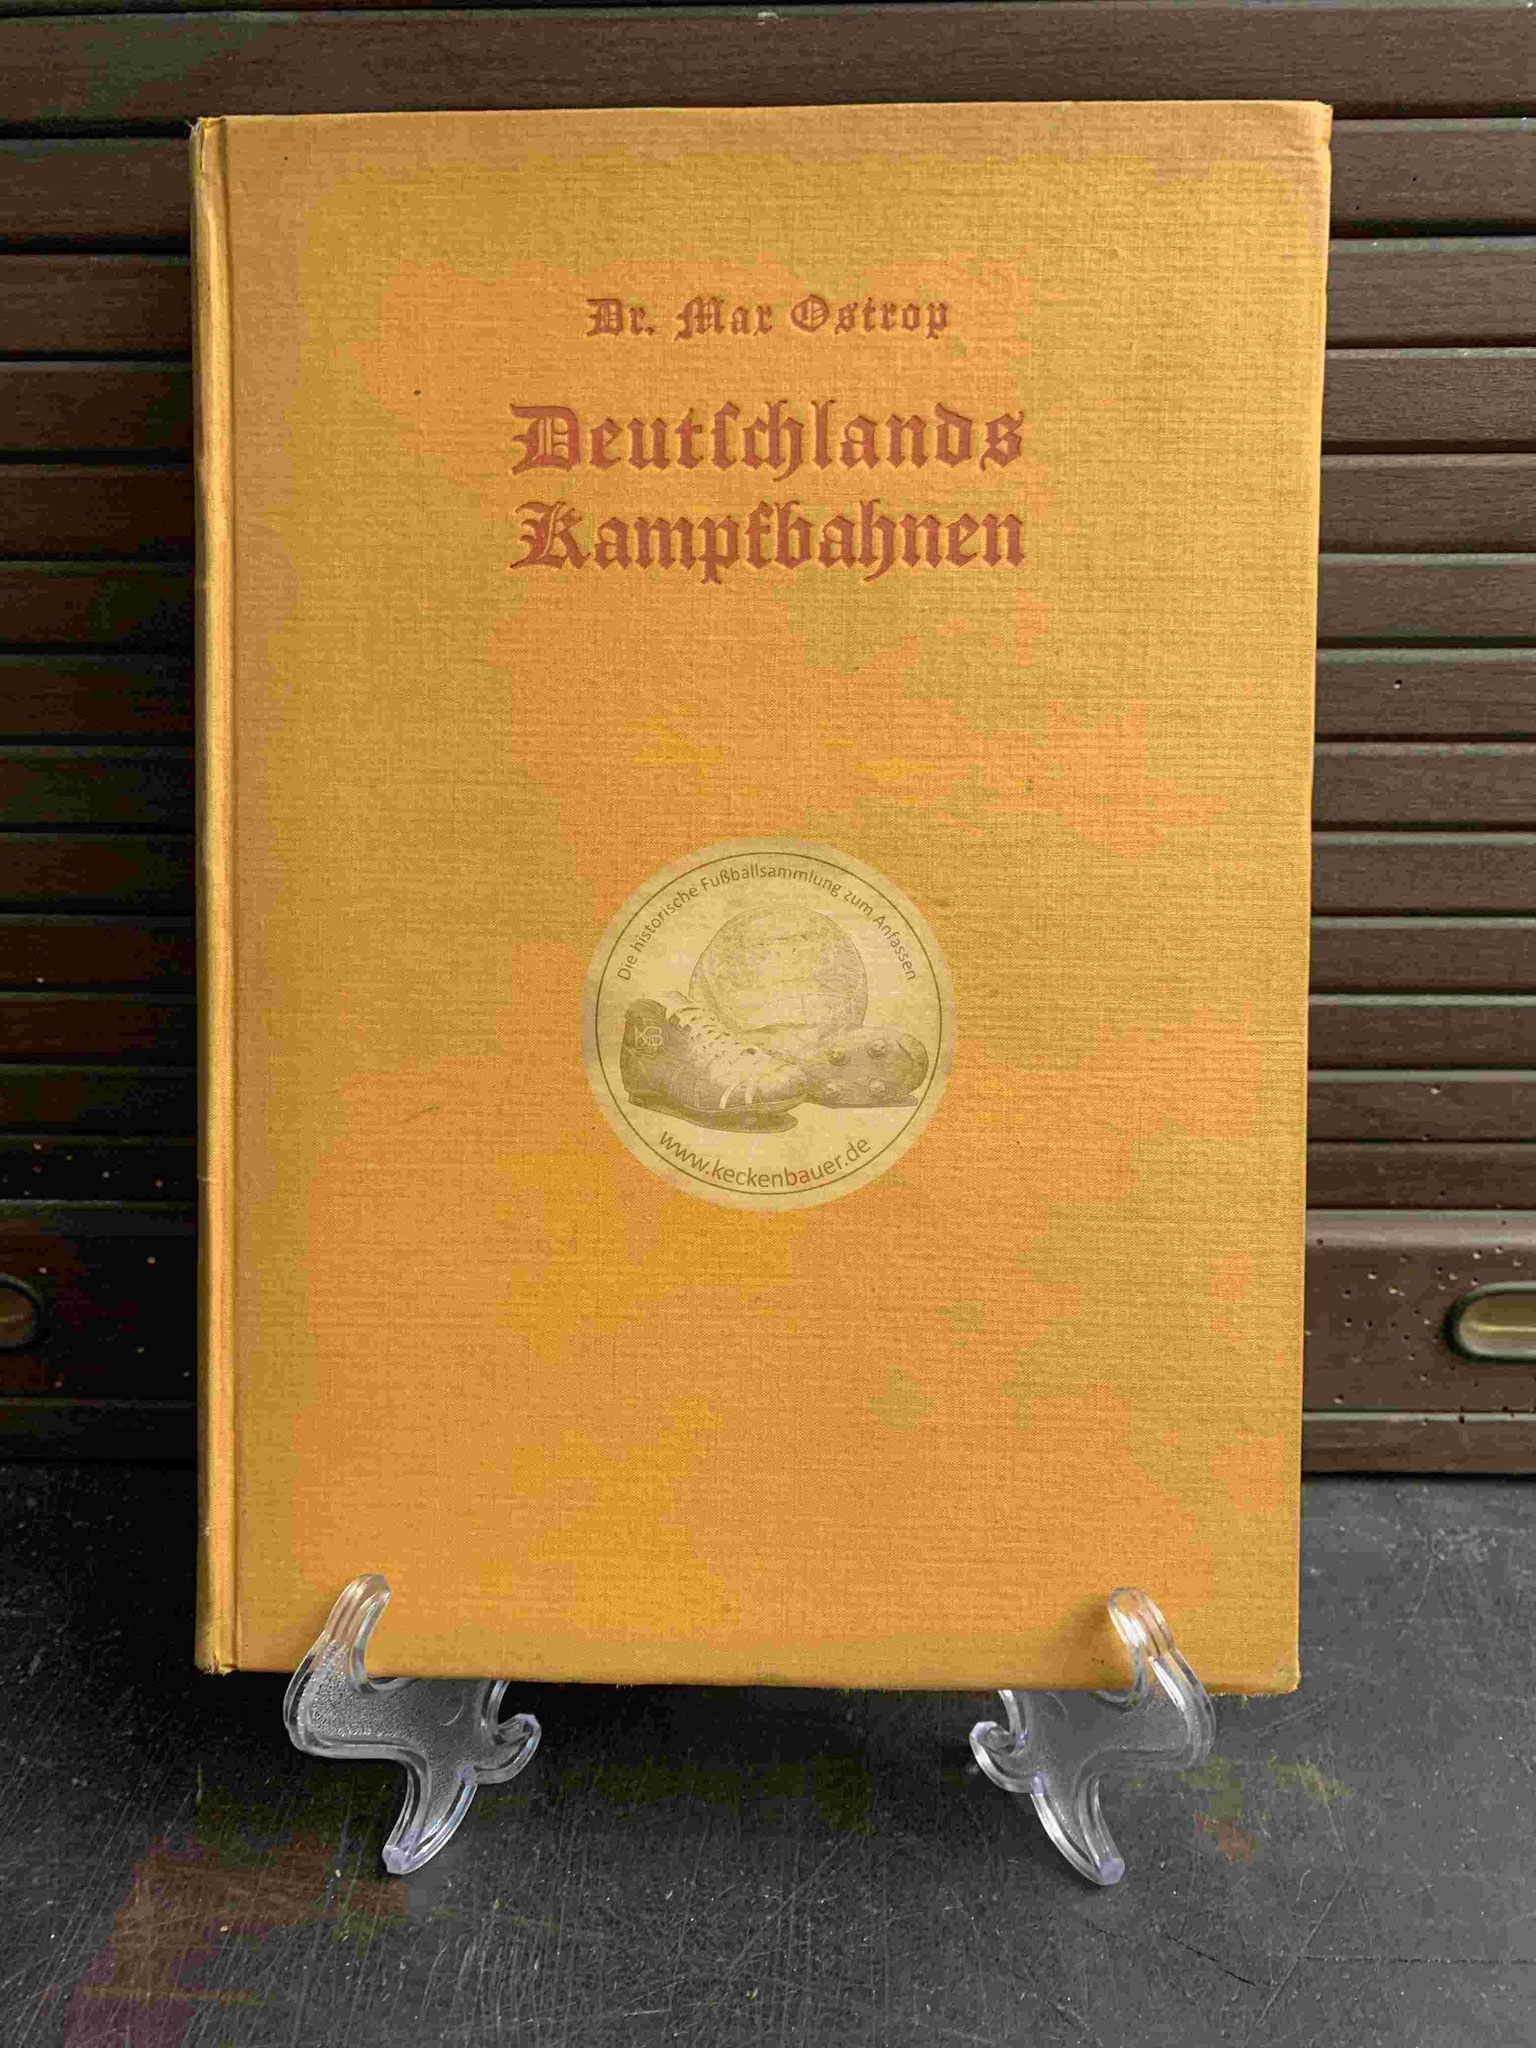 Deutschlands Kampfbahnen von Dr. Max Ostrop aus dem Jahr 1928